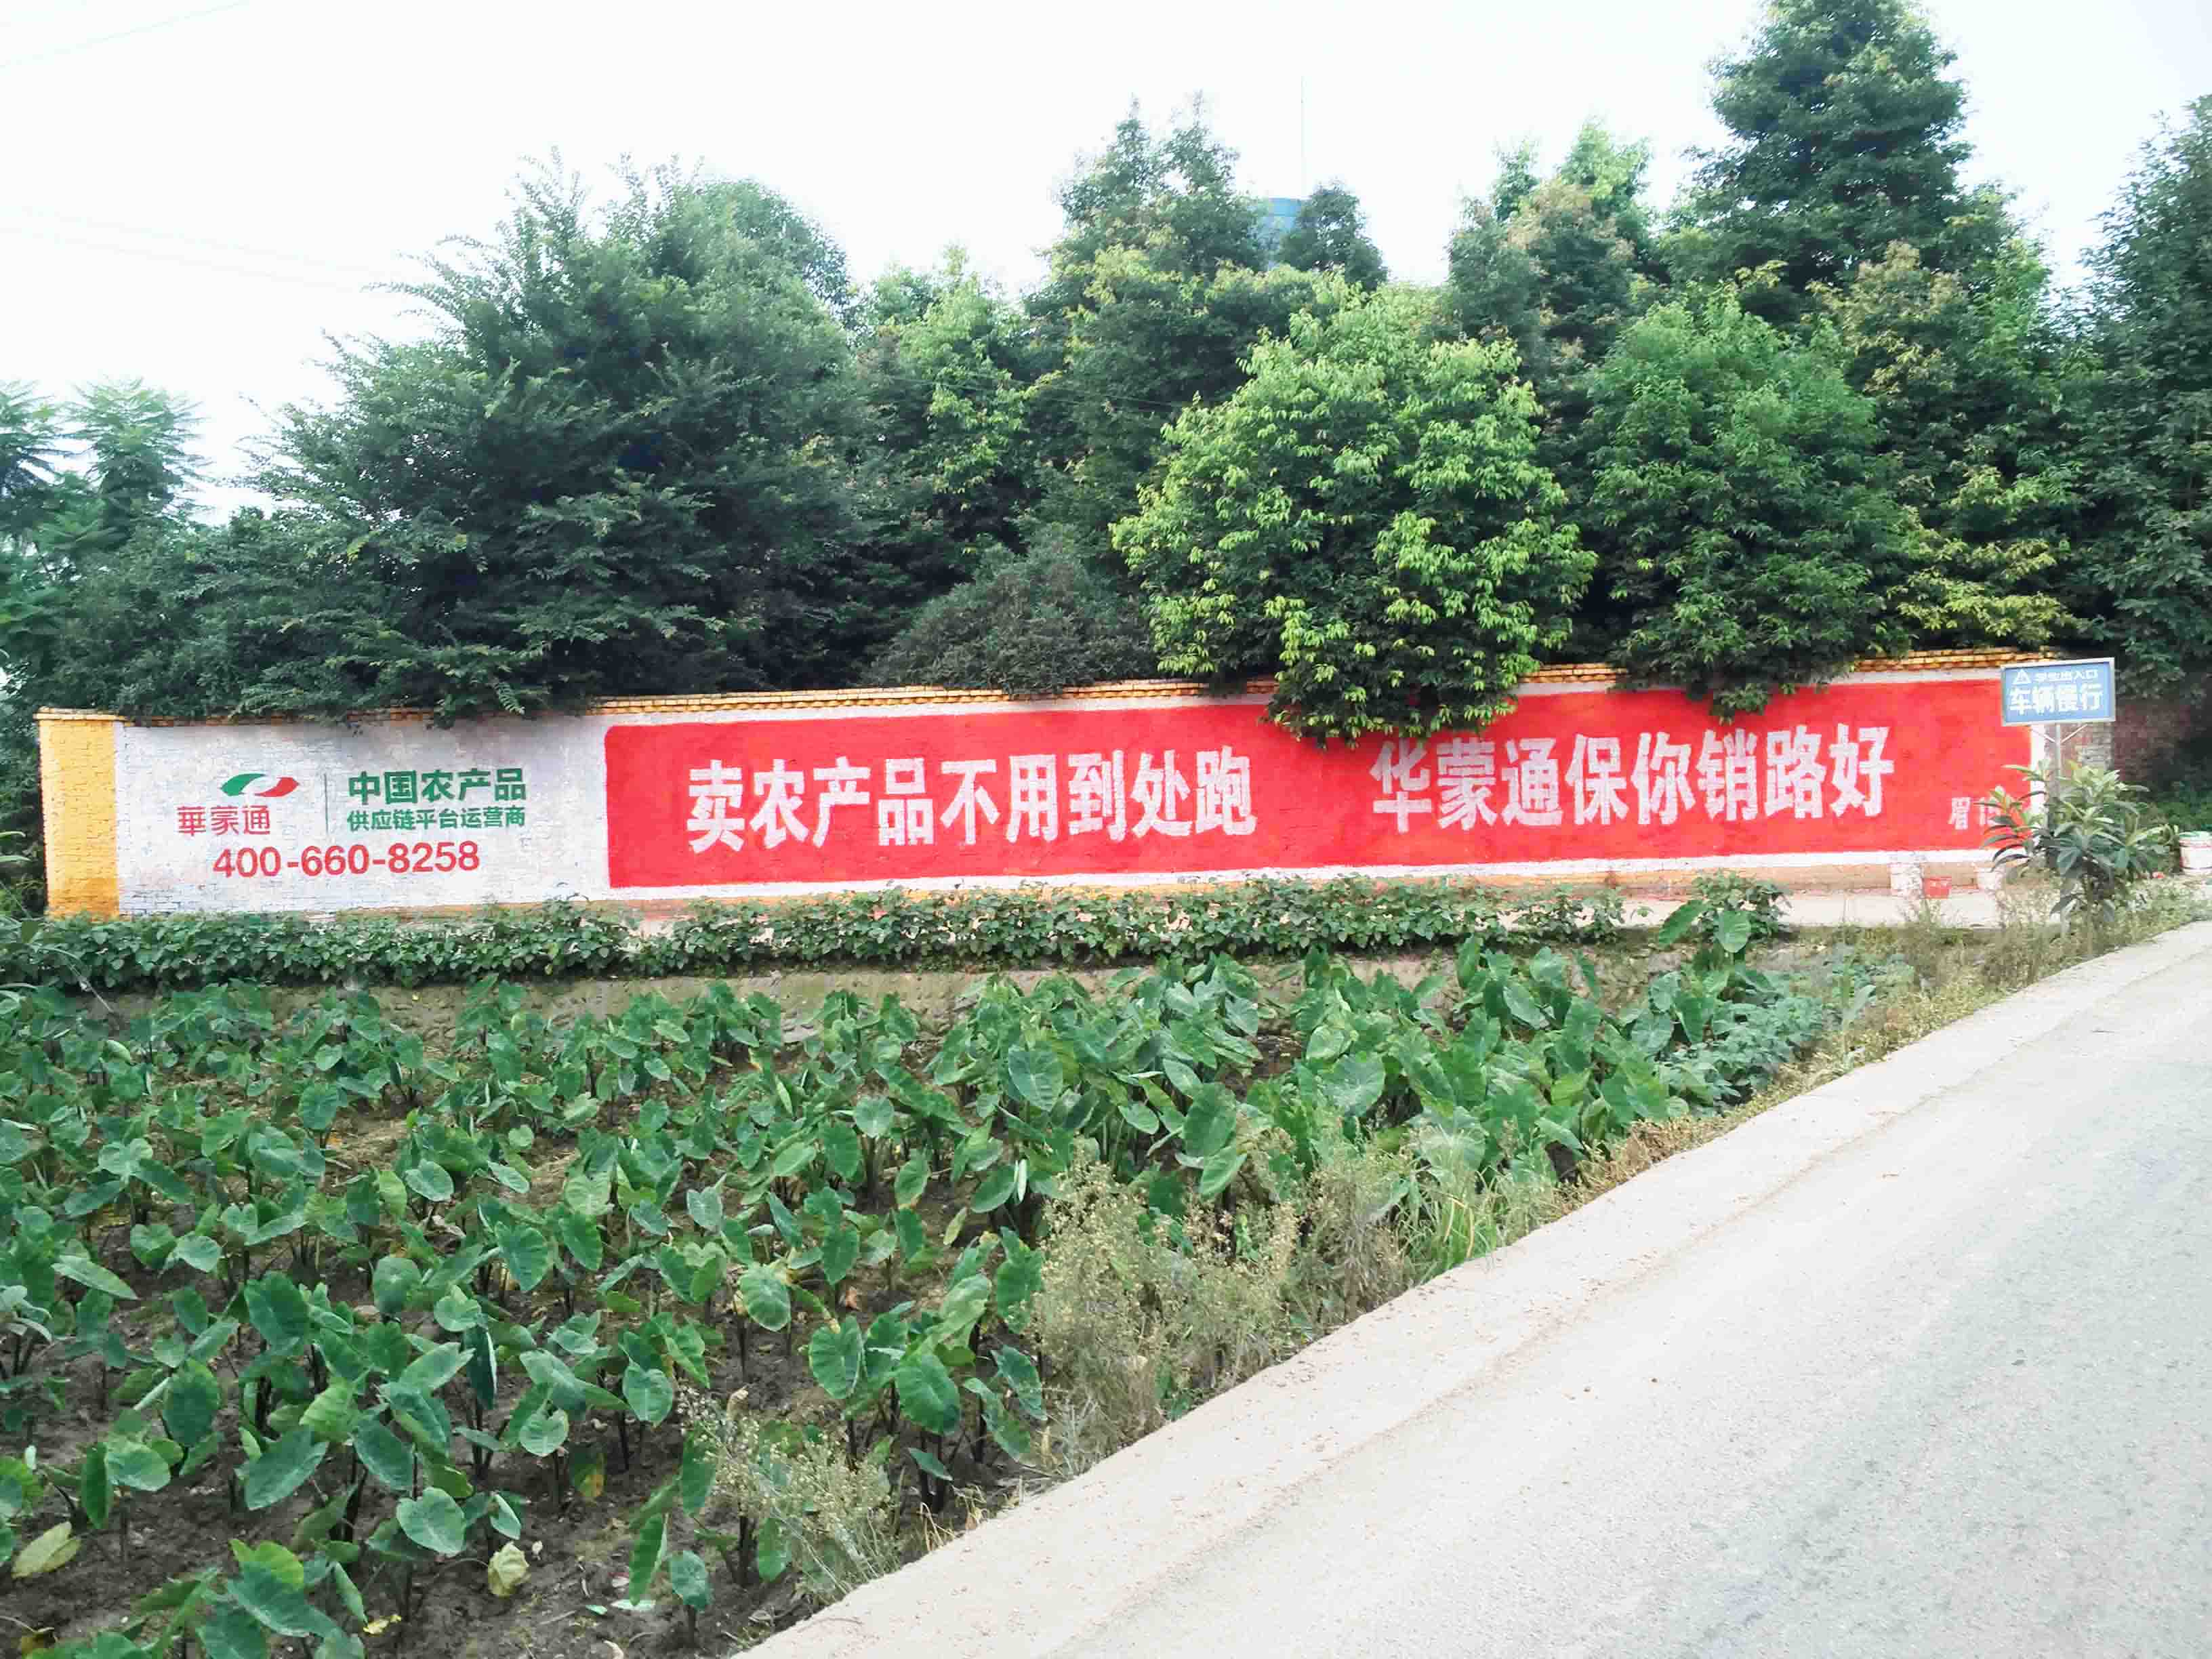 遂宁墙体广告制作遂宁刷墙广告宣传遂宁新农村标语广告                                        -易播网